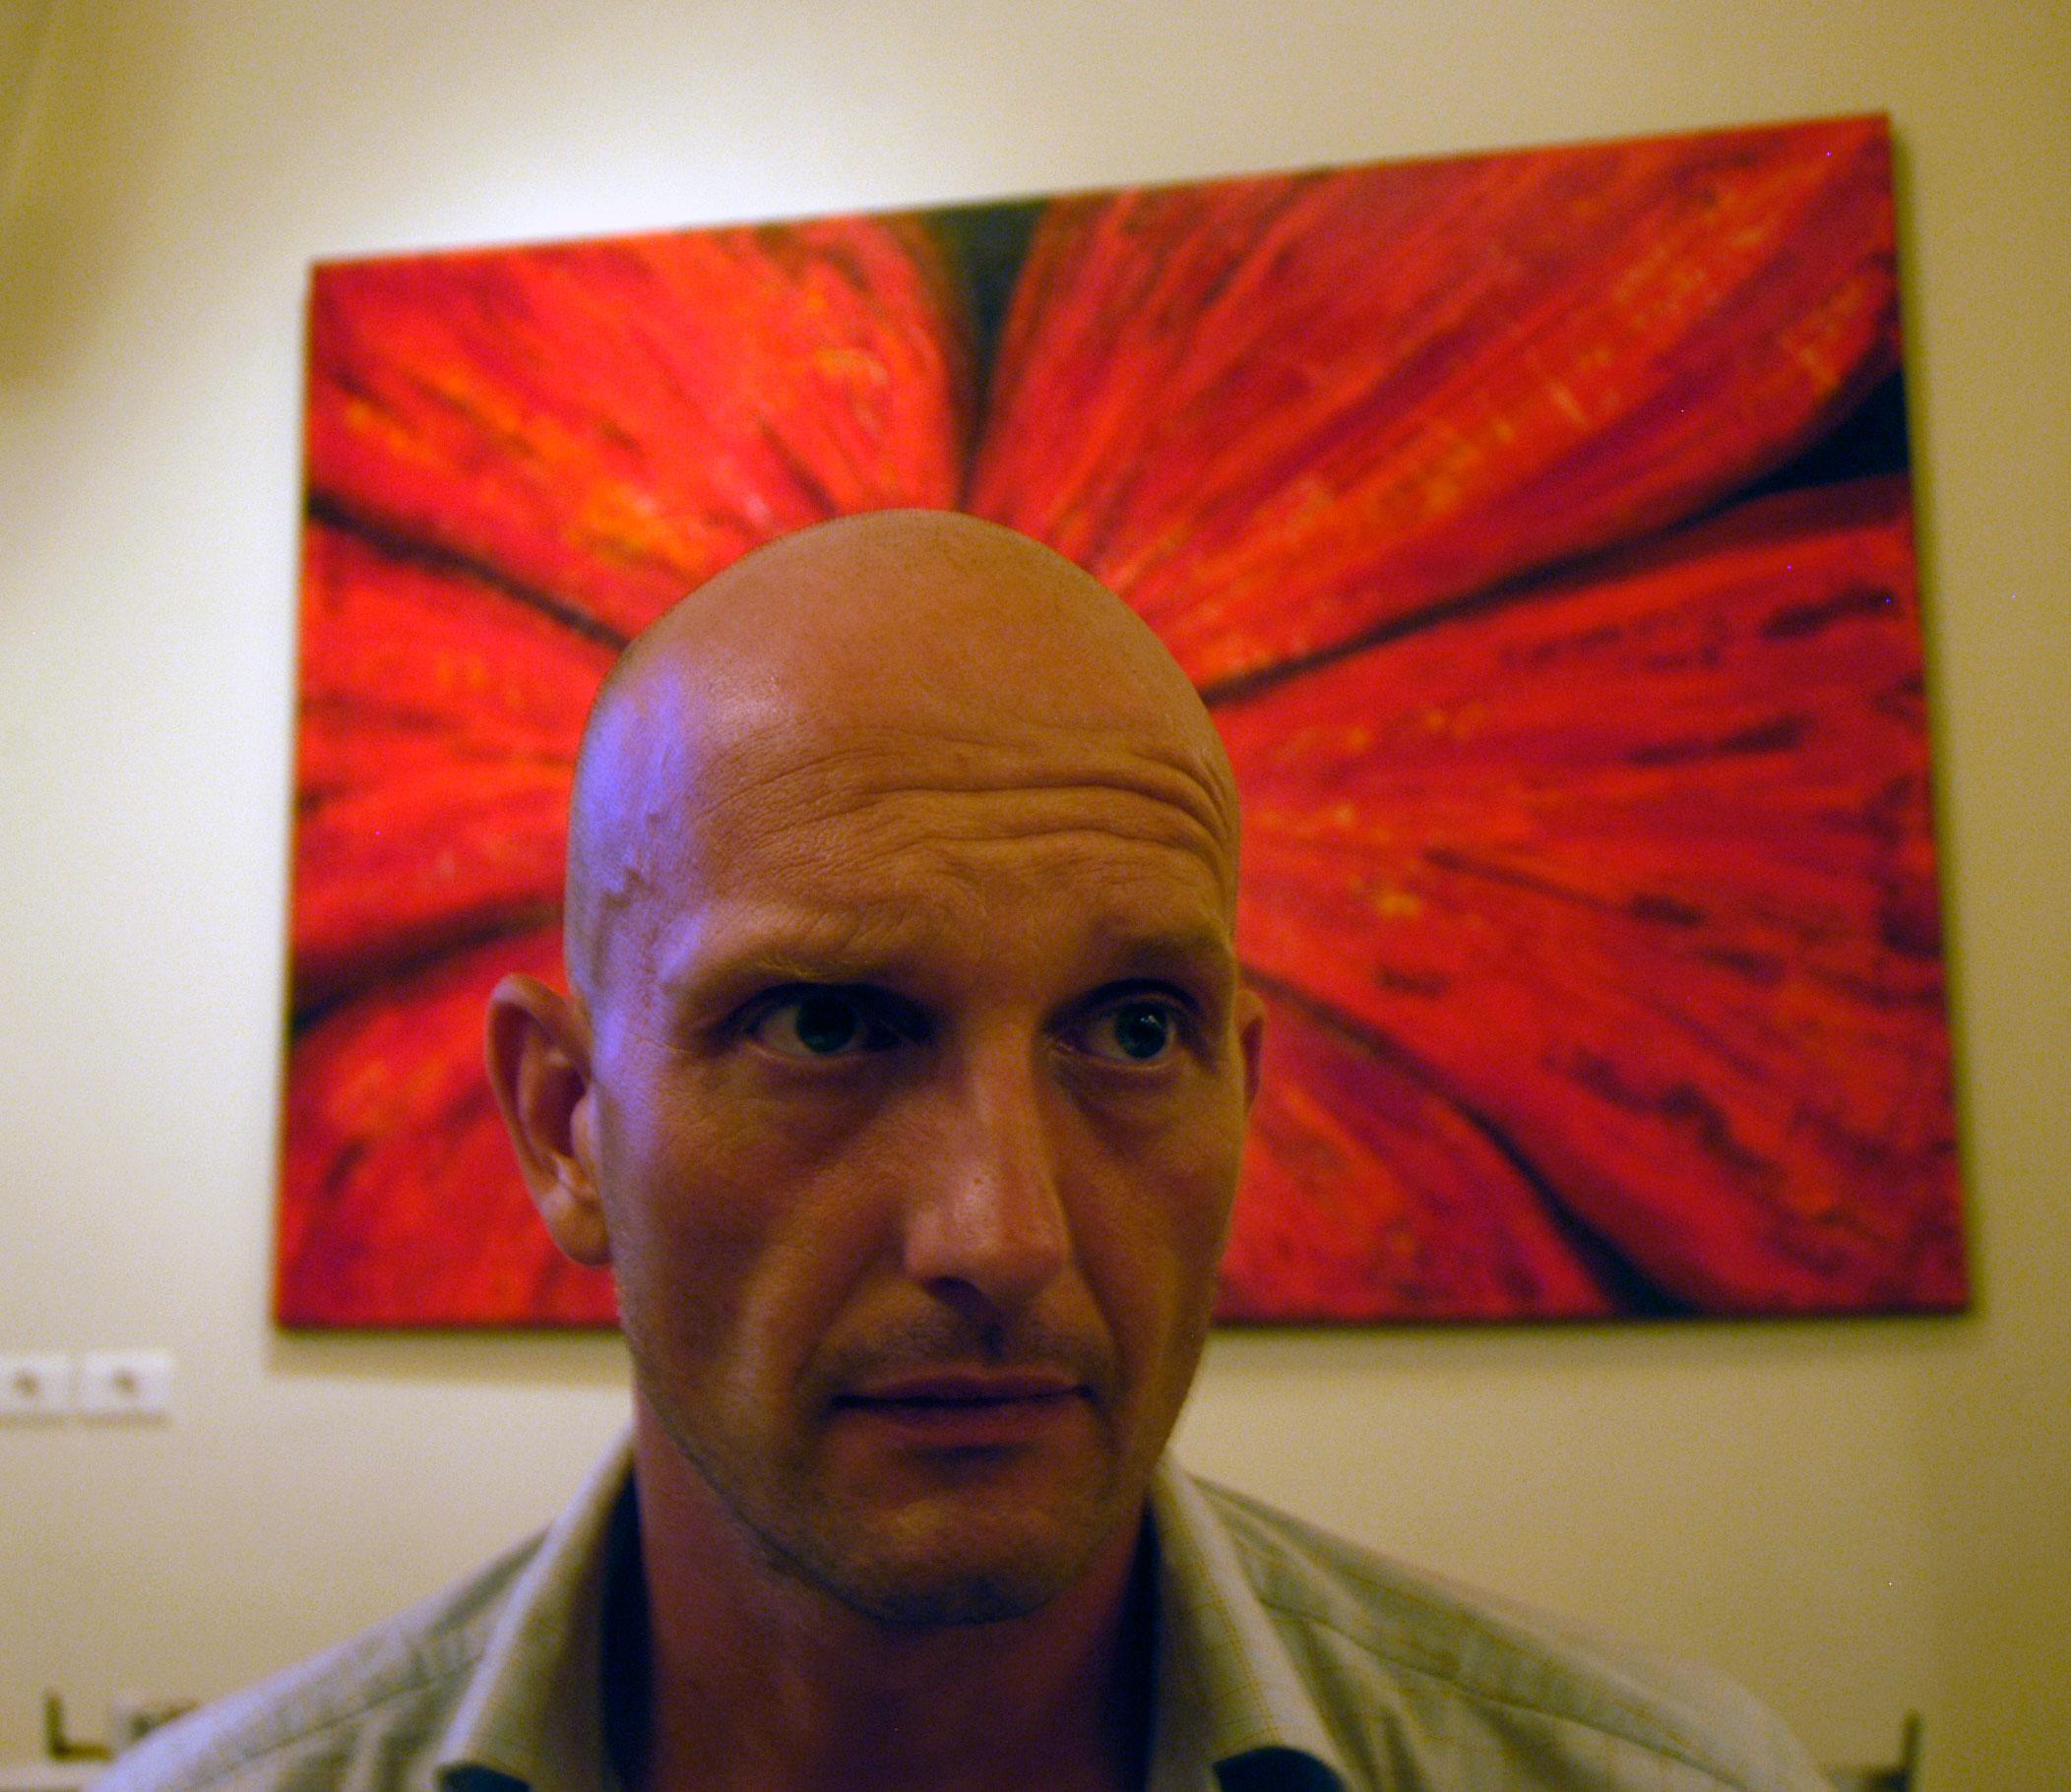 Image of Jeroen Kramer from Wikidata